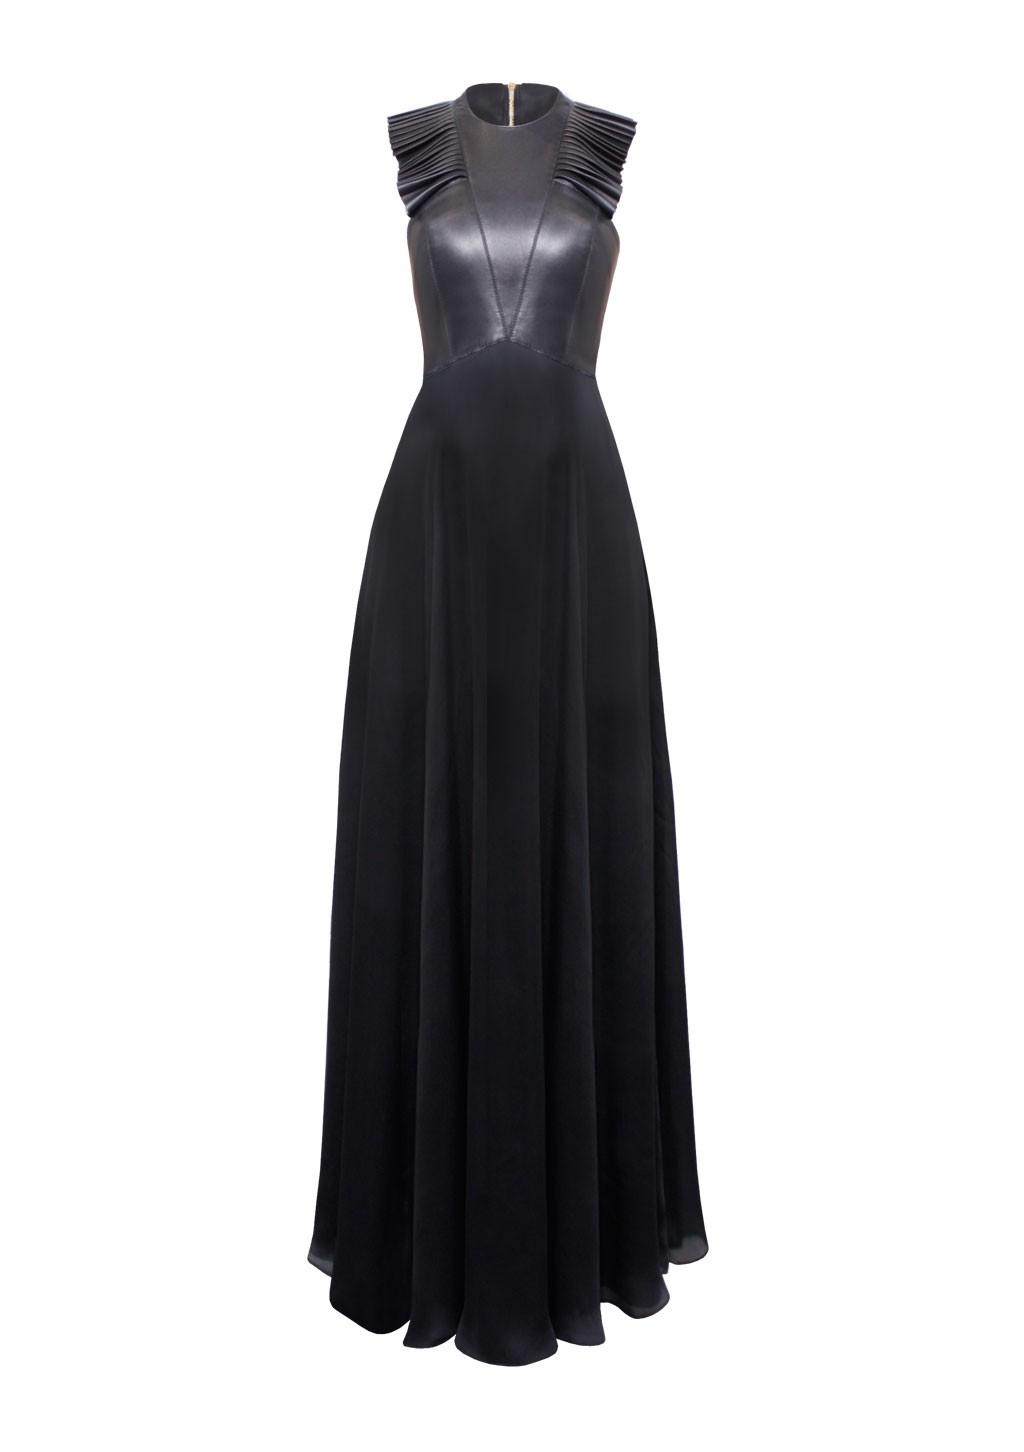 17 Spektakulär Abend Kleid Seide ÄrmelAbend Fantastisch Abend Kleid Seide für 2019